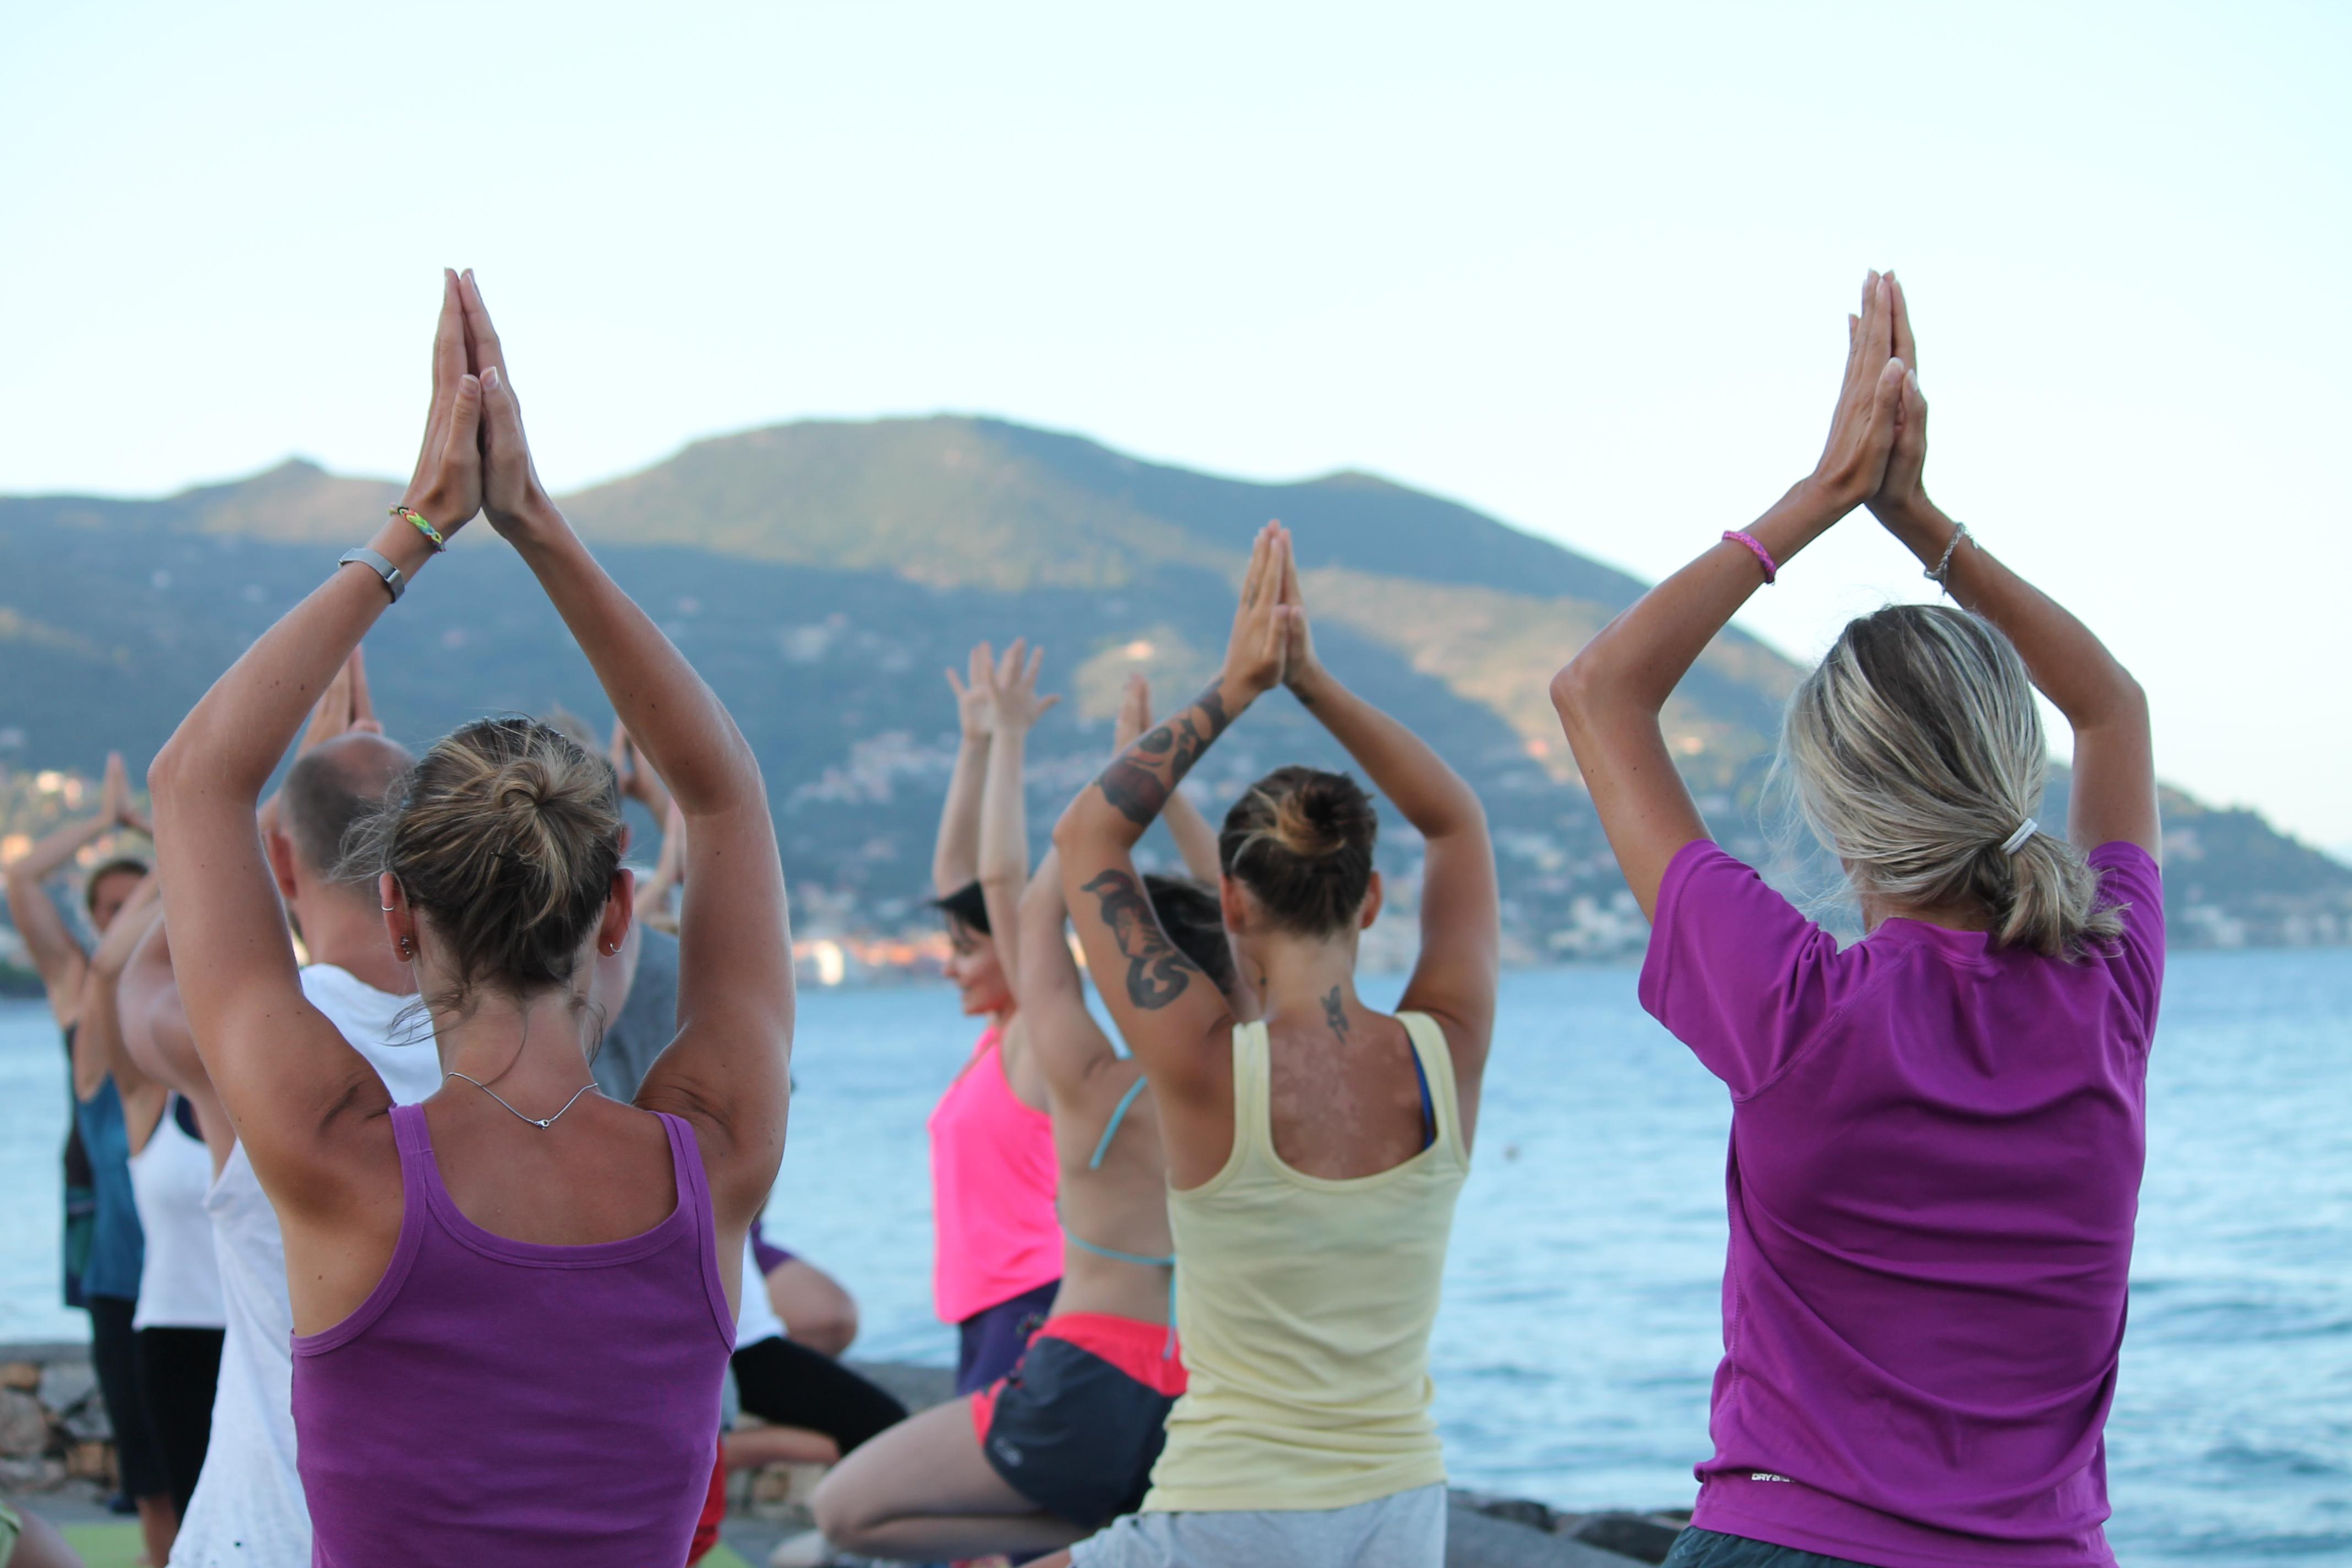 essere-free-yoga-gratuito-benessere-per-tutti-village-citta-alassio-visit-lucia-ragazzi-town-wellness-regaliamo-wellbeing-olistica-alimentazione-orario-schedule-5.